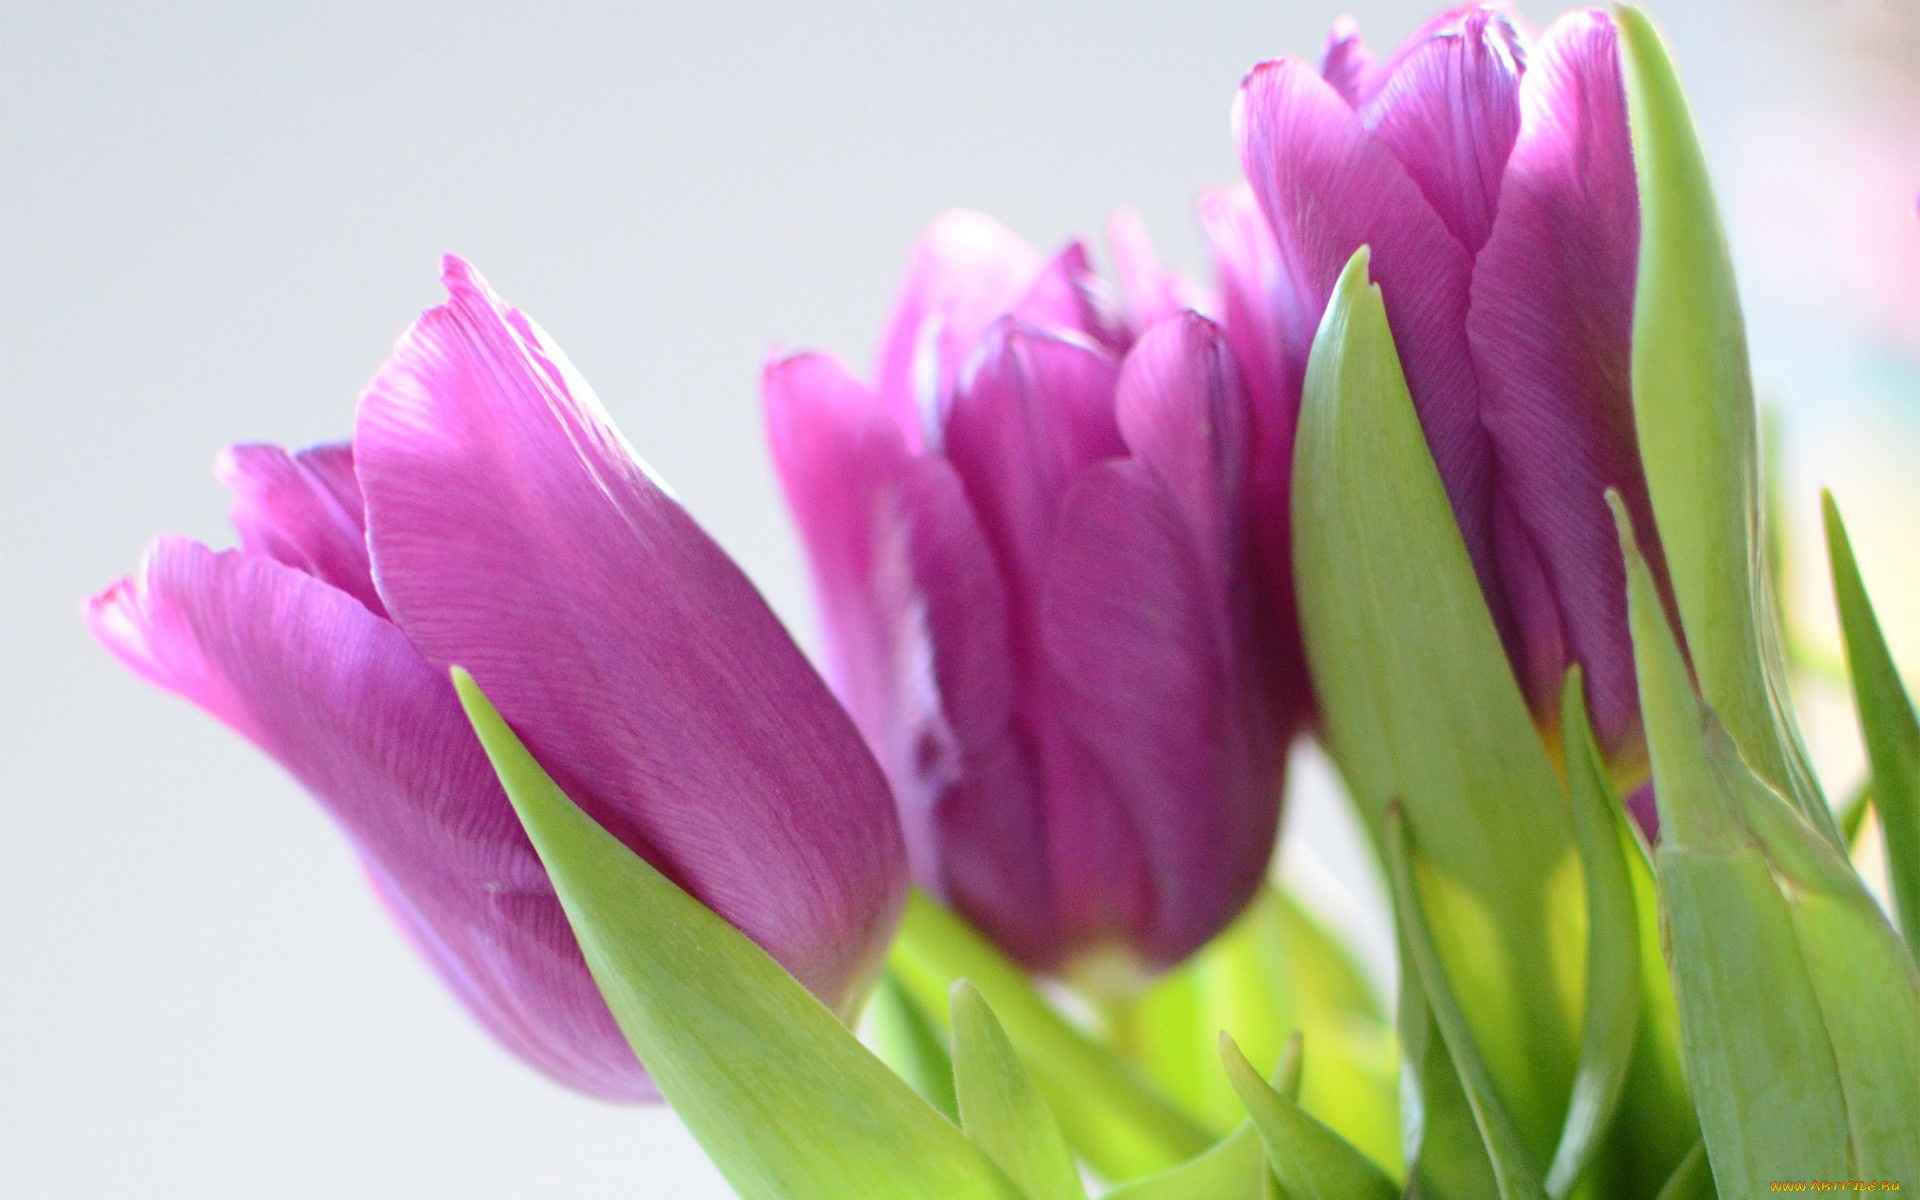 так тюльпаны в коробке картинки на фоне полосатых обоев сиреневых предлагаем вам